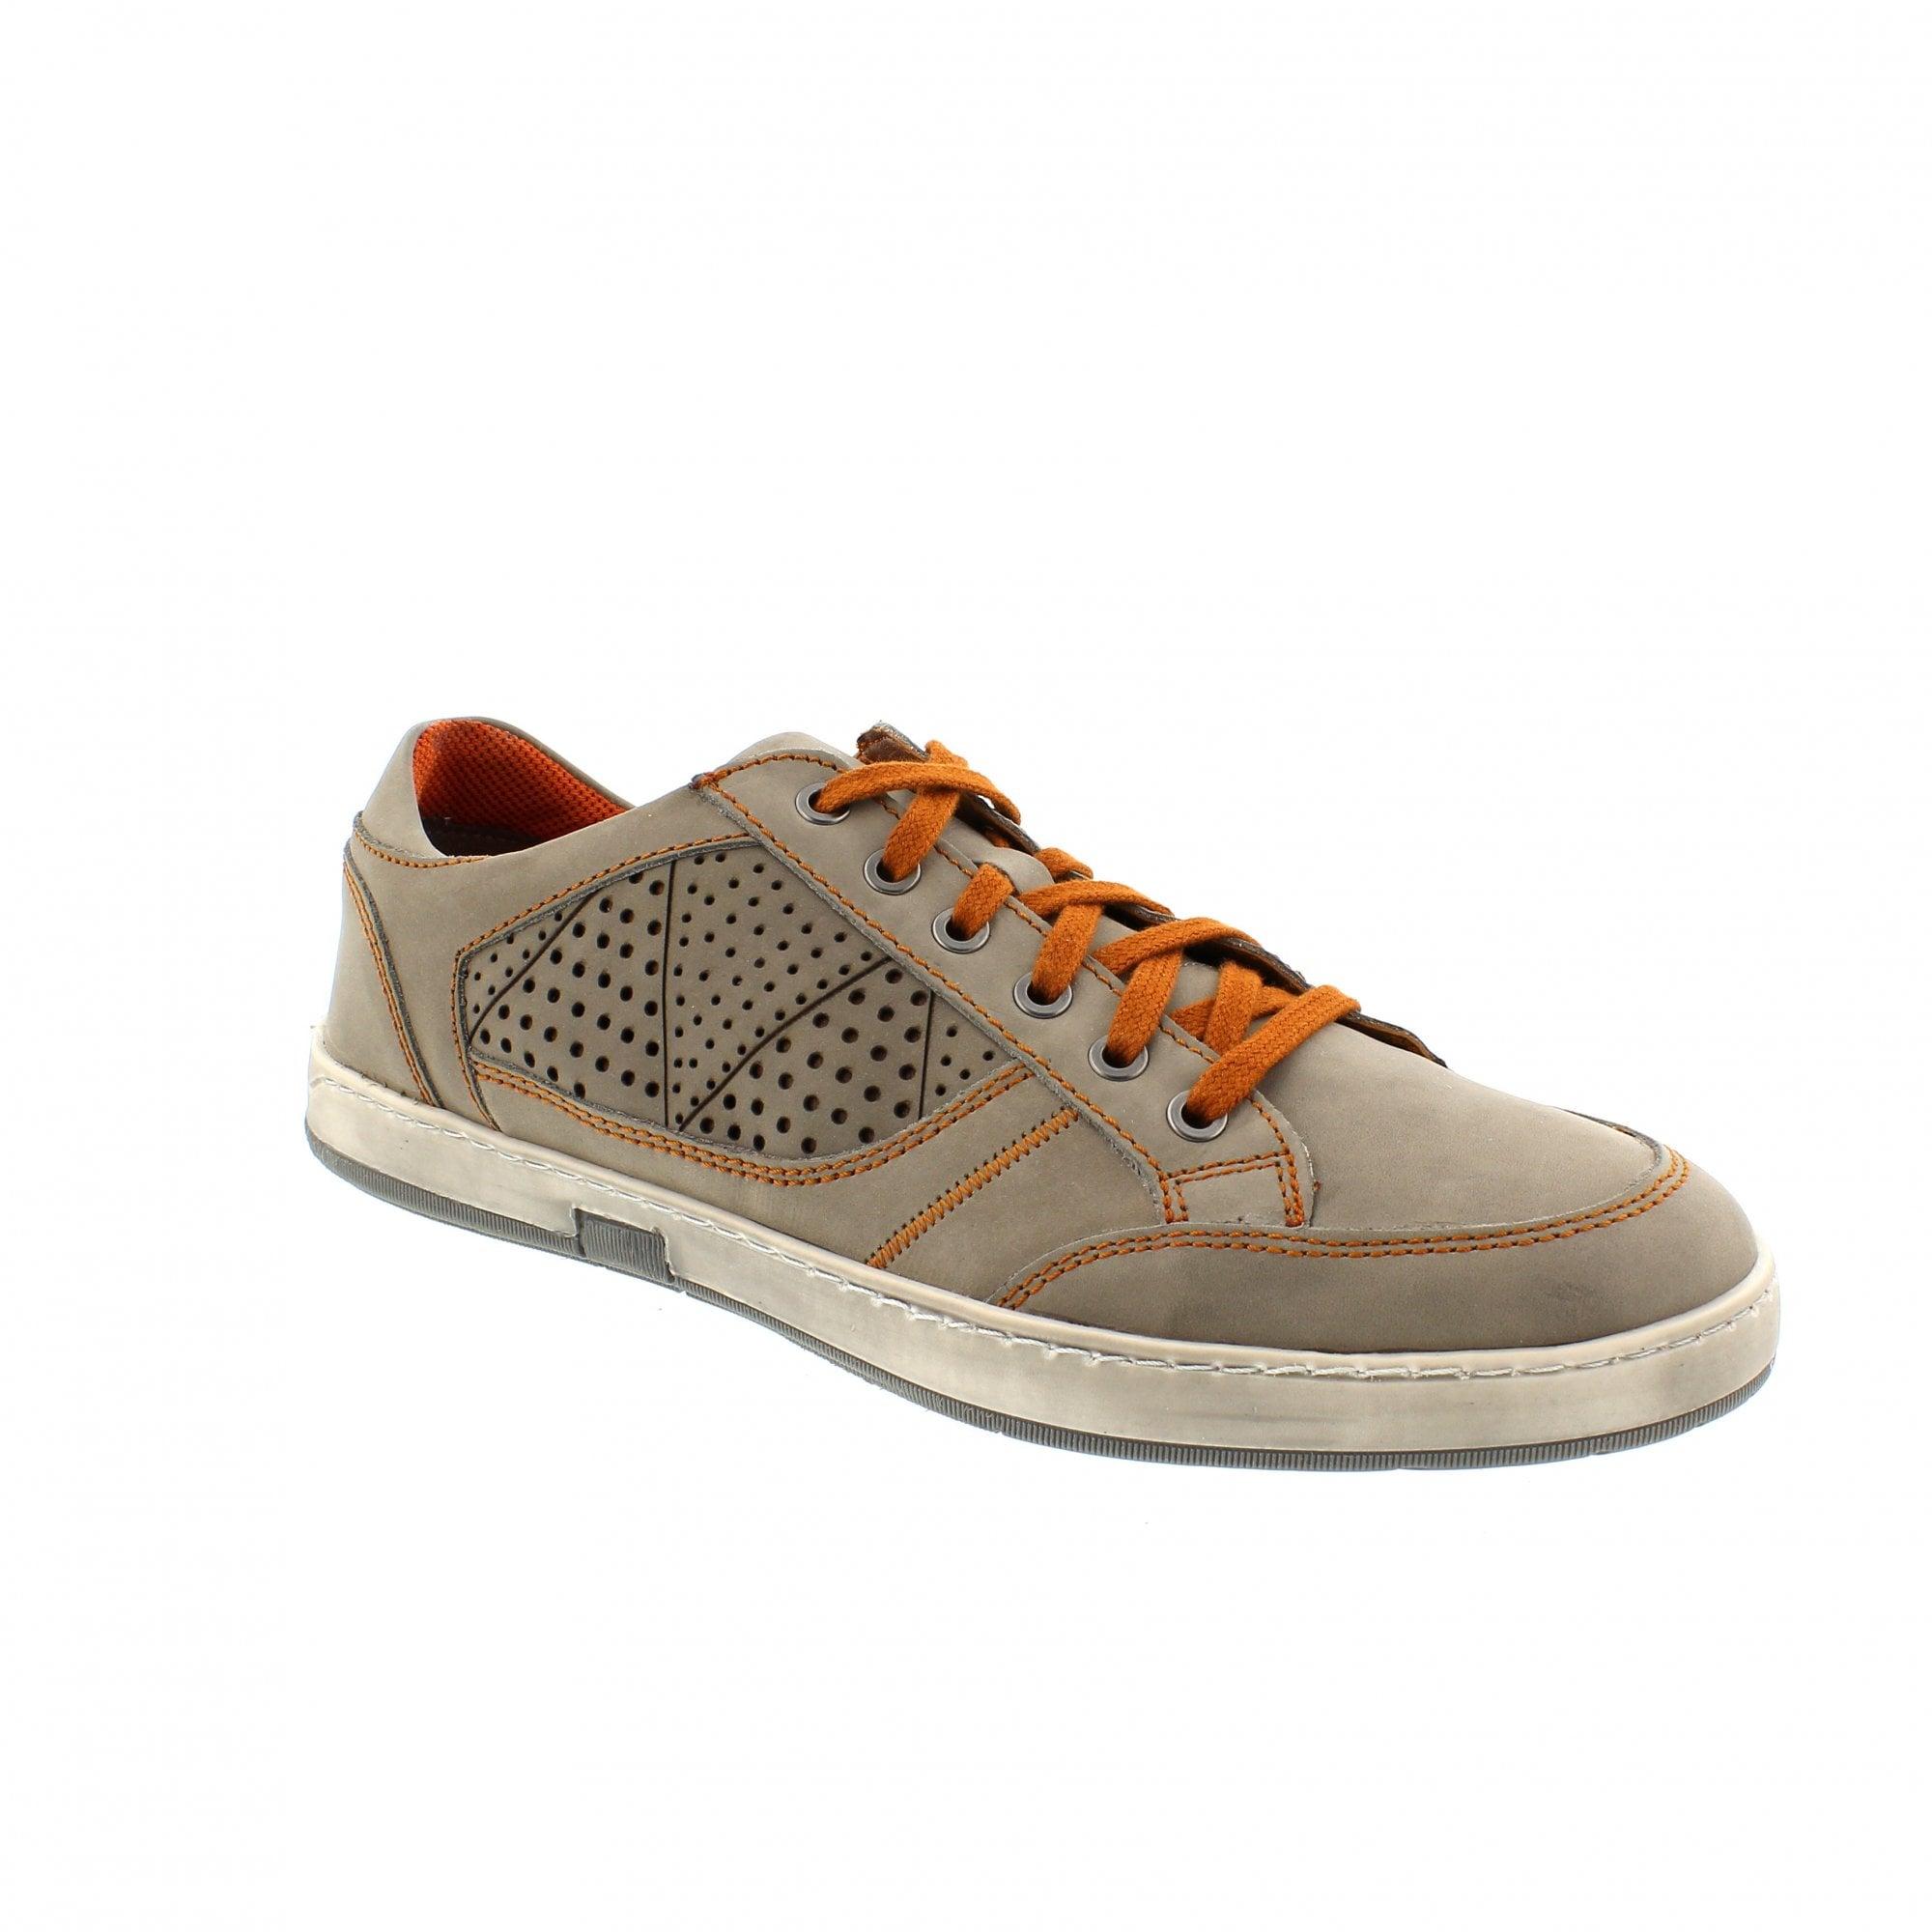 meistverkauft beliebte Geschäfte Beförderung Josef Seibel Gatteo 12 11119-767710 Mens Trainers | Rogerson Shoes